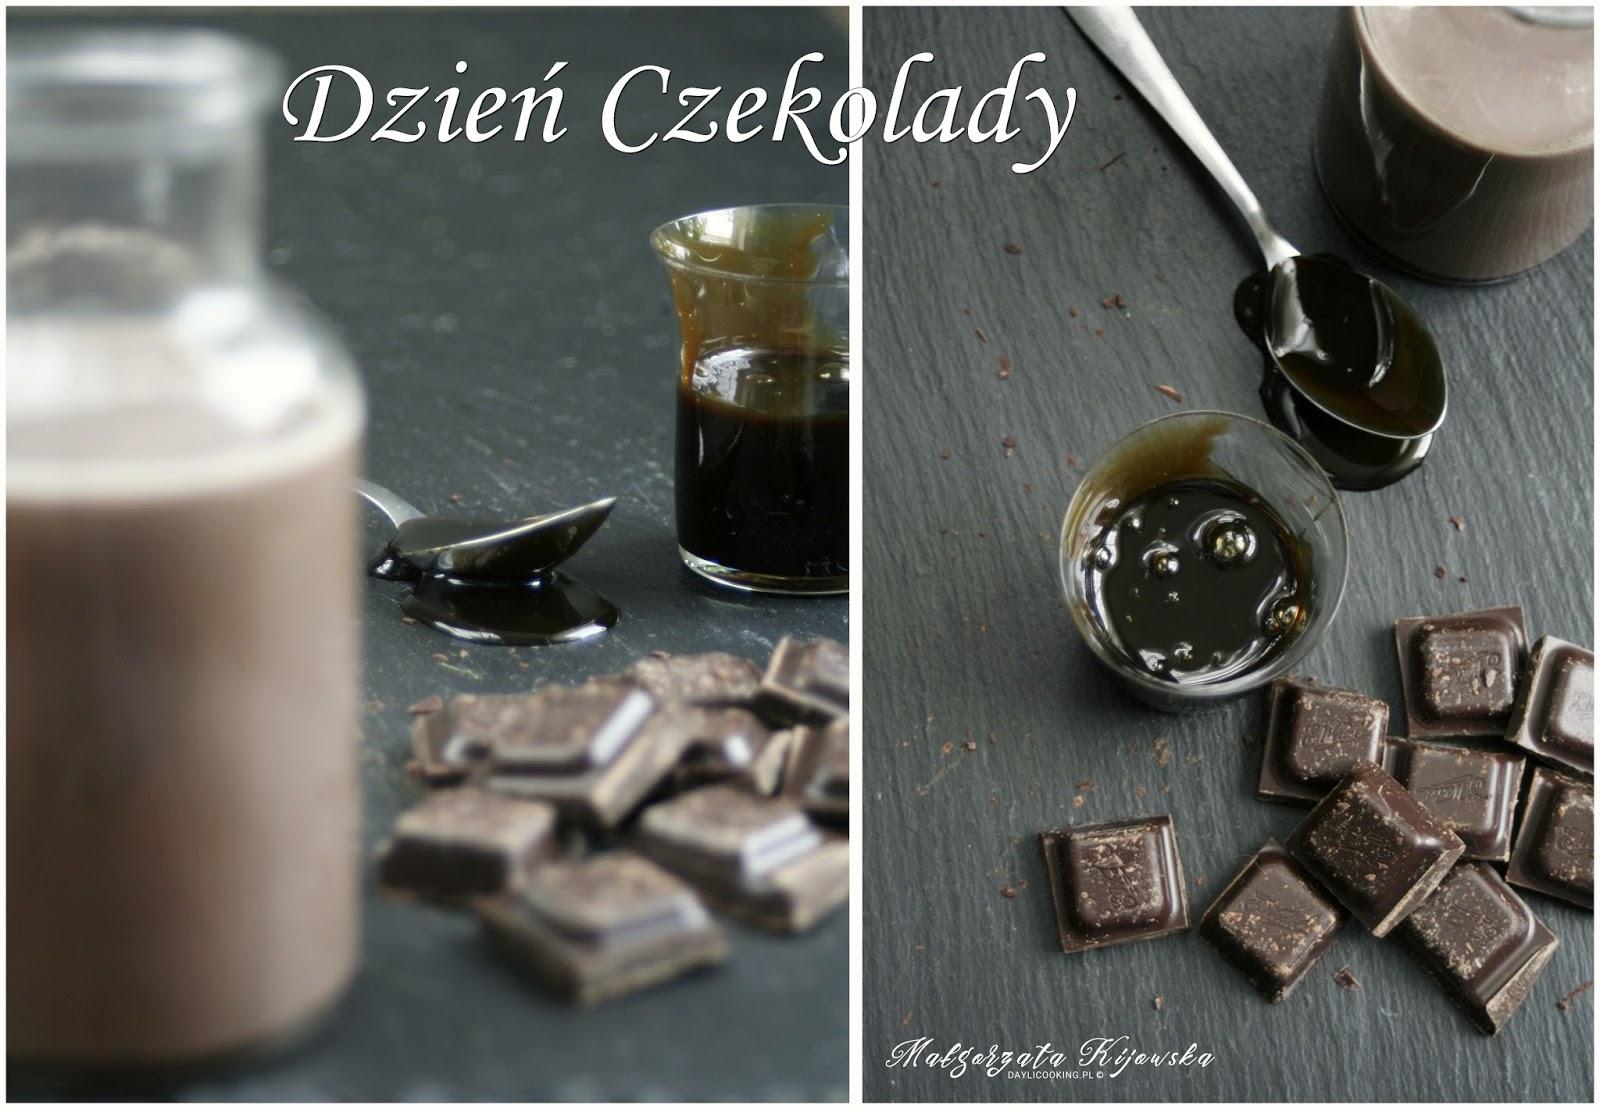 Dzień Czekolady, czekolada na gorąco, daylicooking, Małgorzata Kijowska